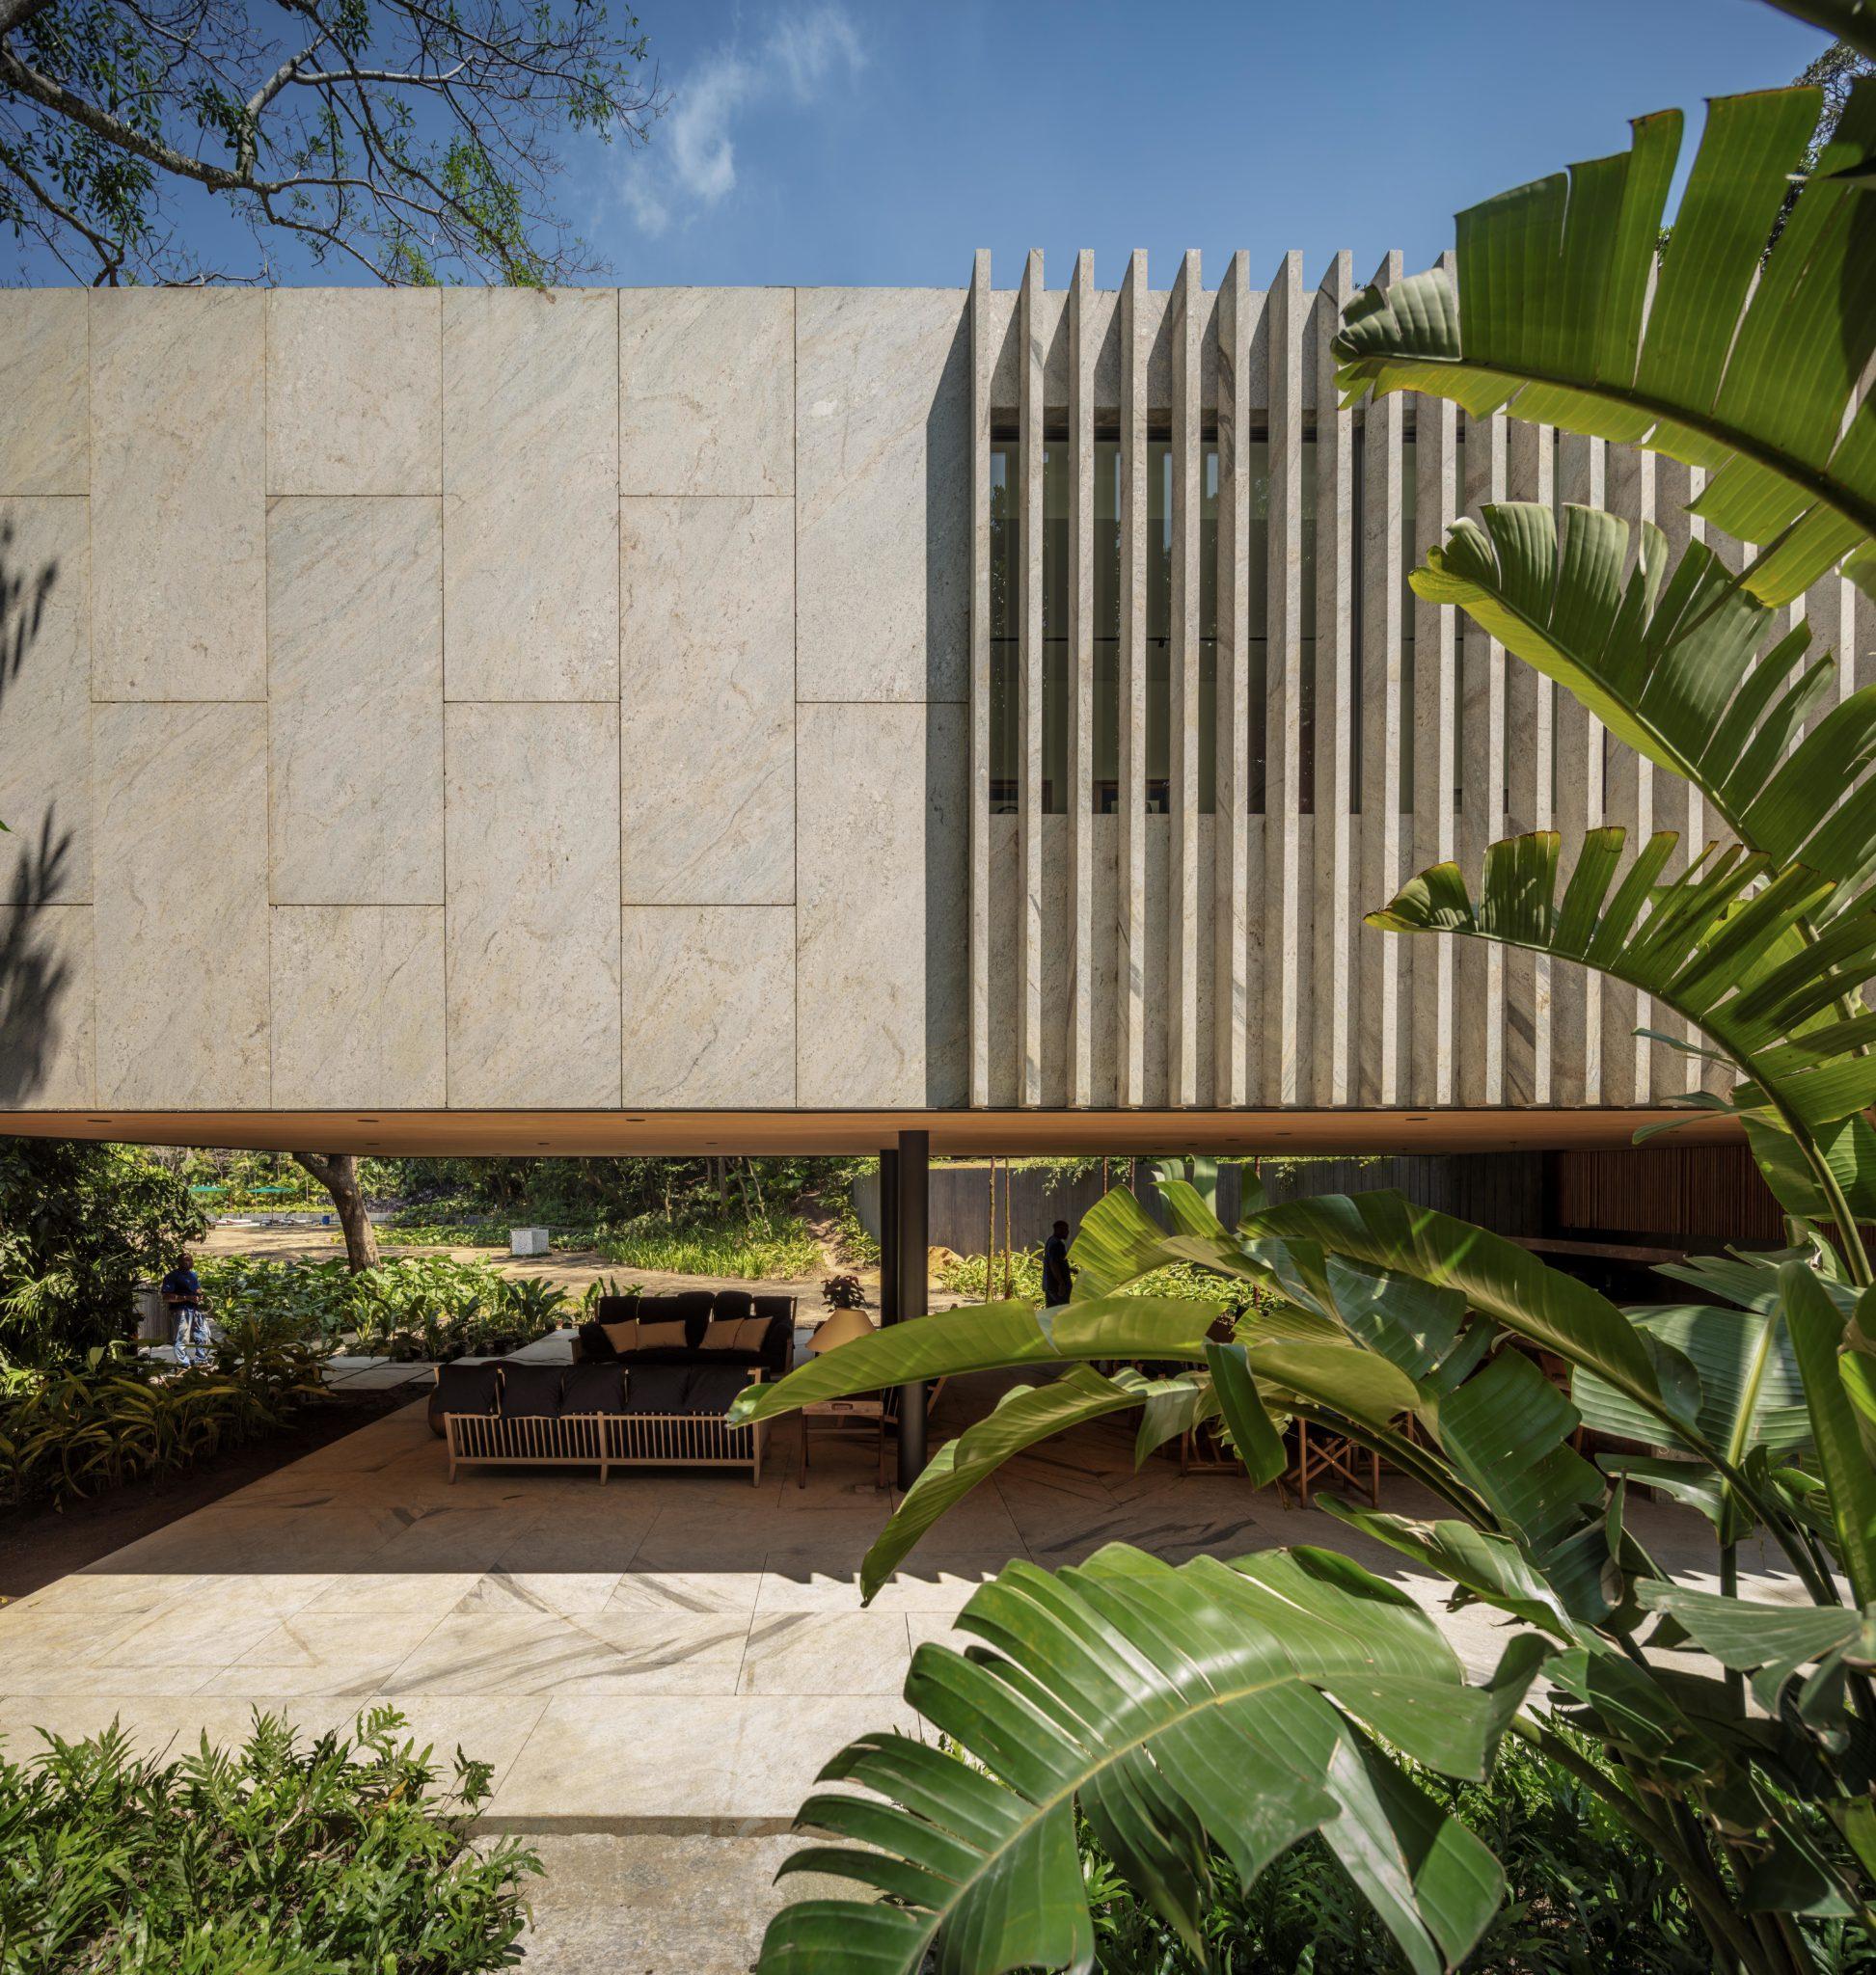 Un proyecto de Bernardes Arquitetura, con sede en Río de Janeiro